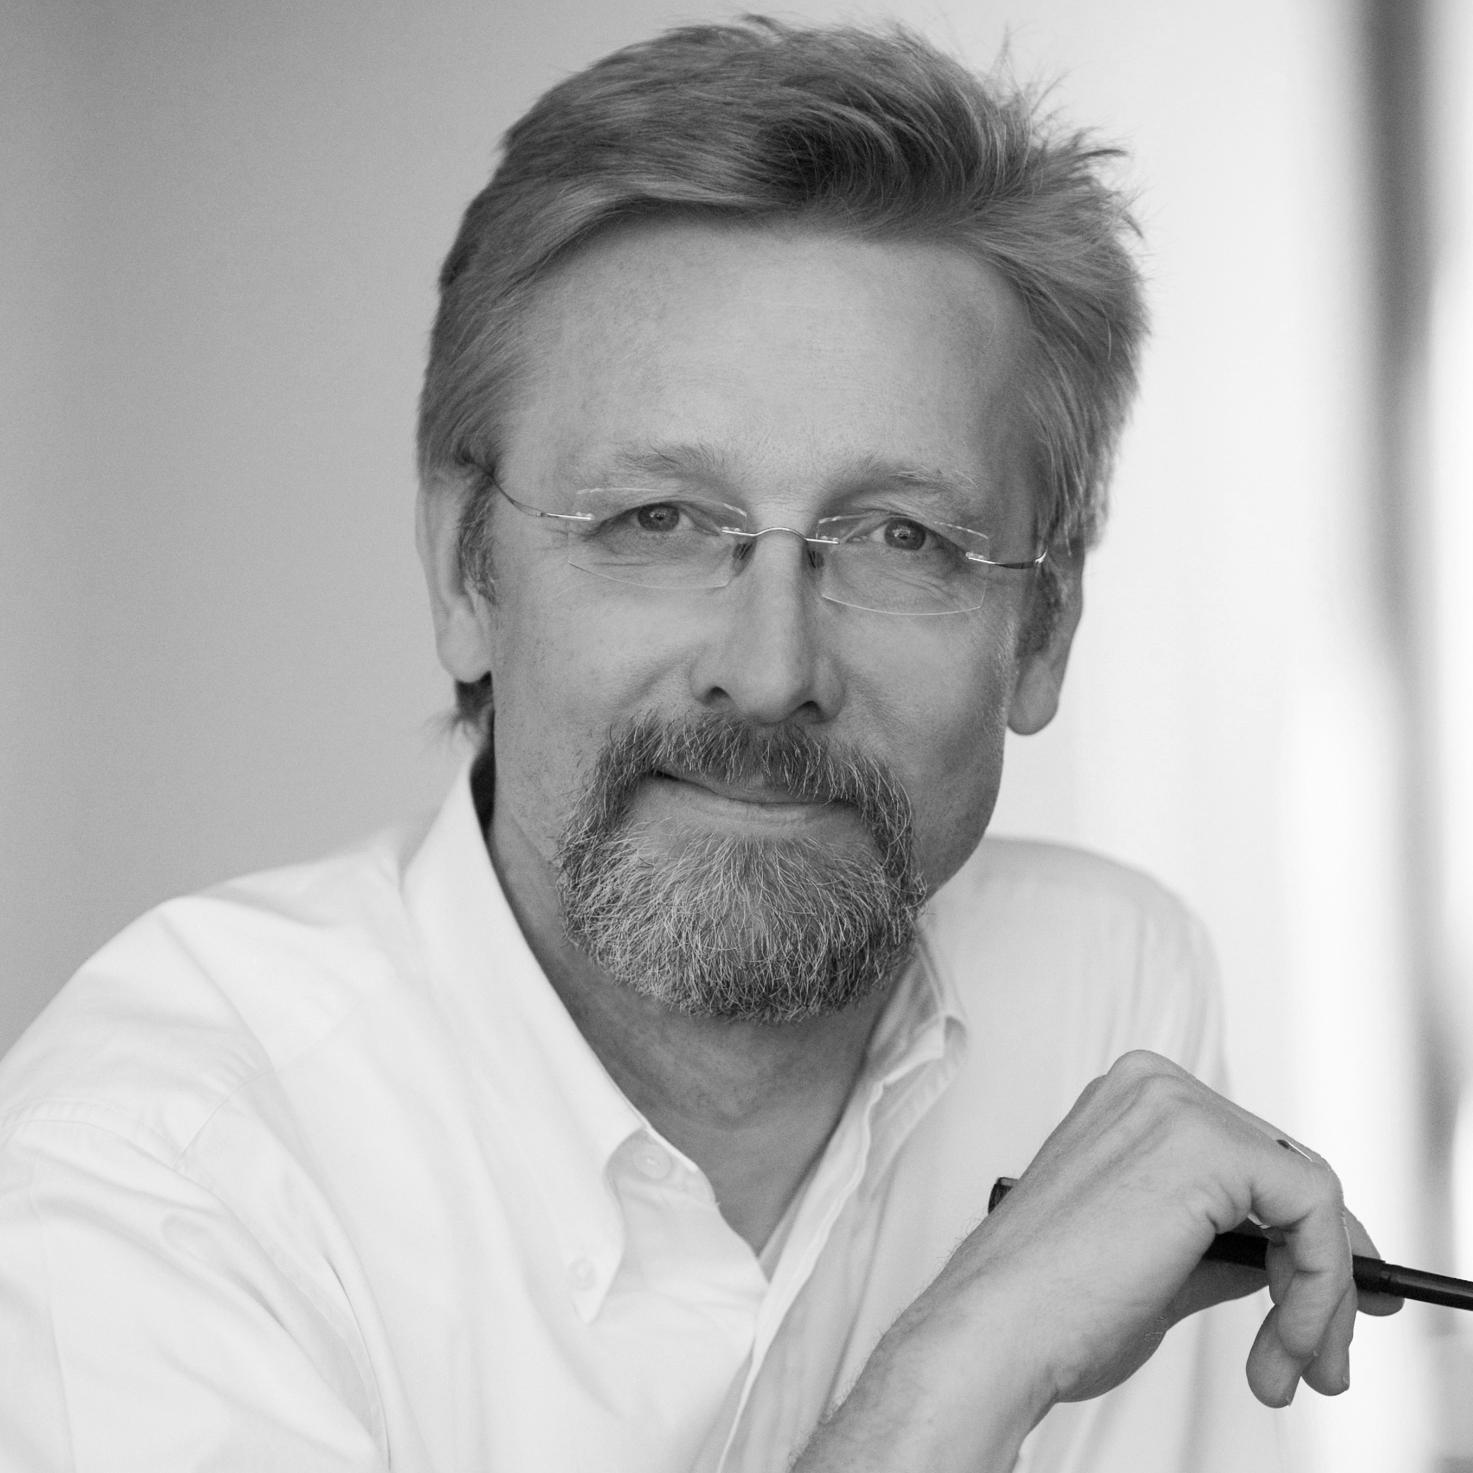 Chris Bangle, former BMW chief of design